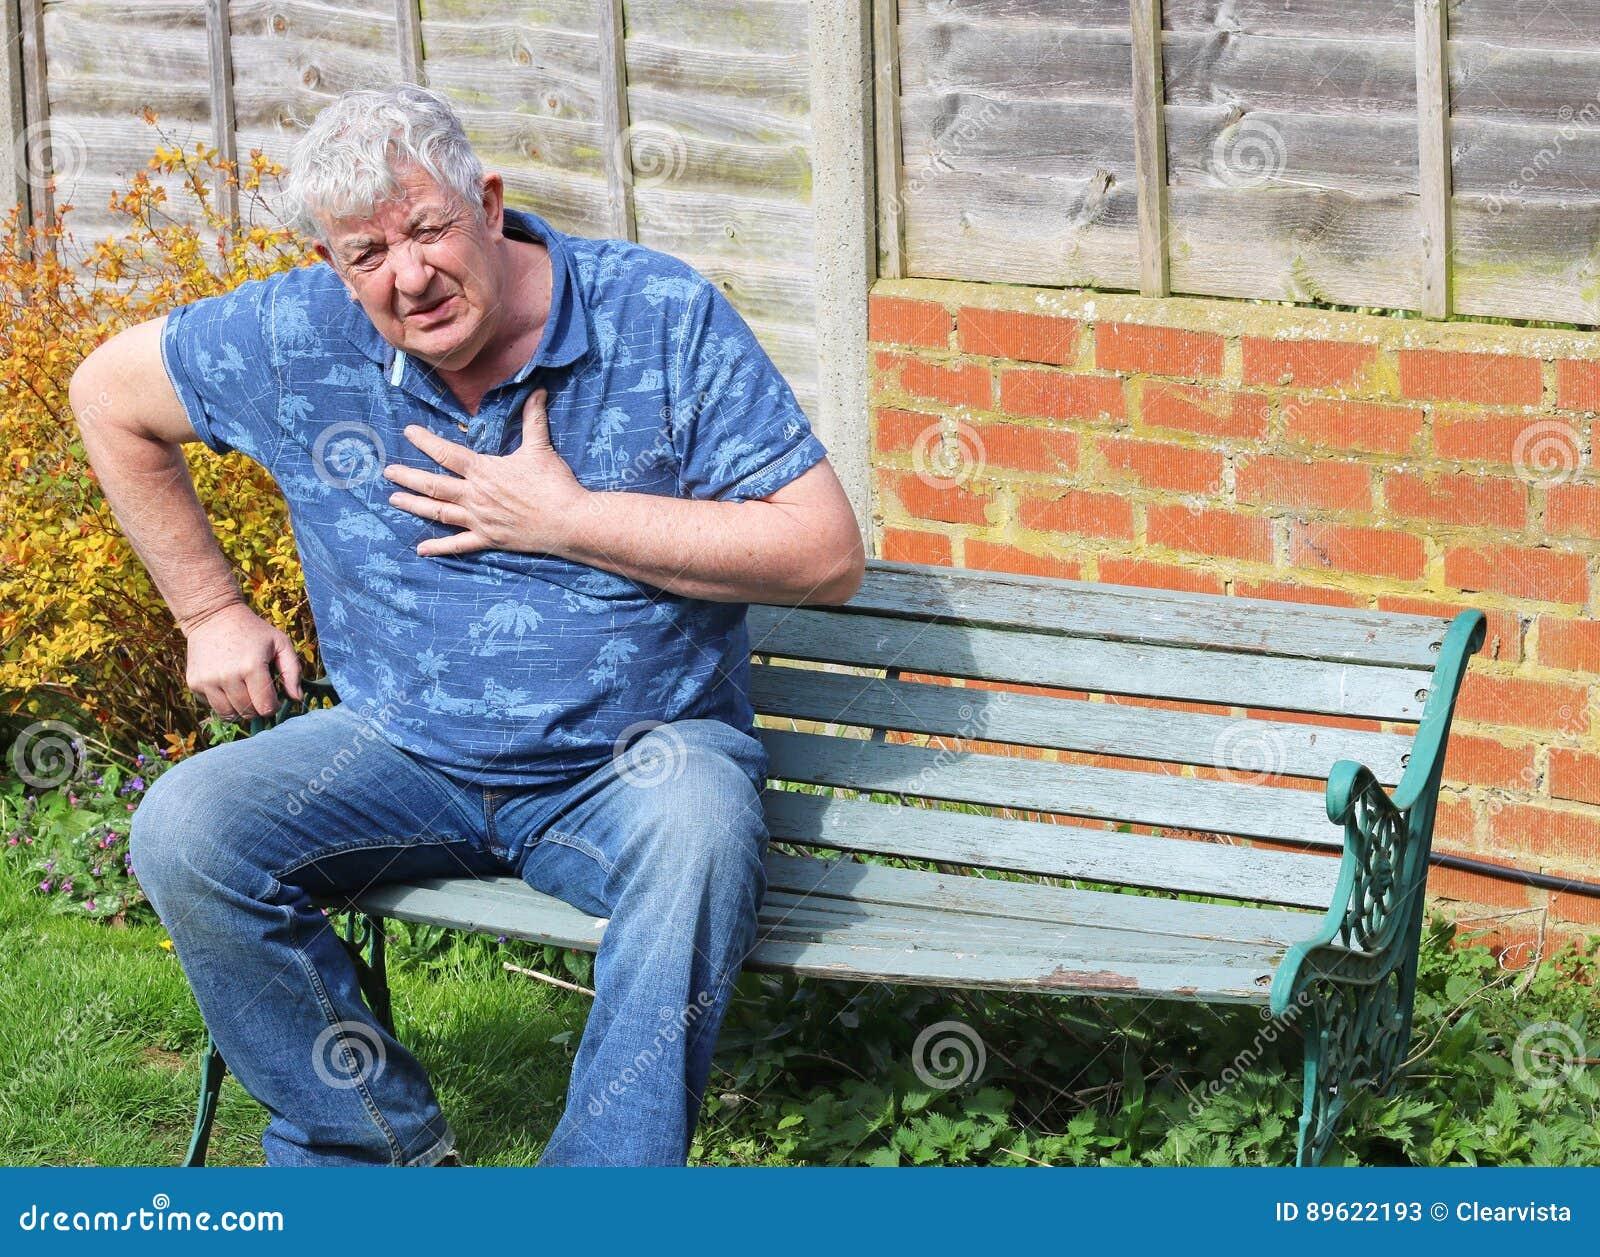 Ataque del corazón al hombre mayor, dificultad que respira